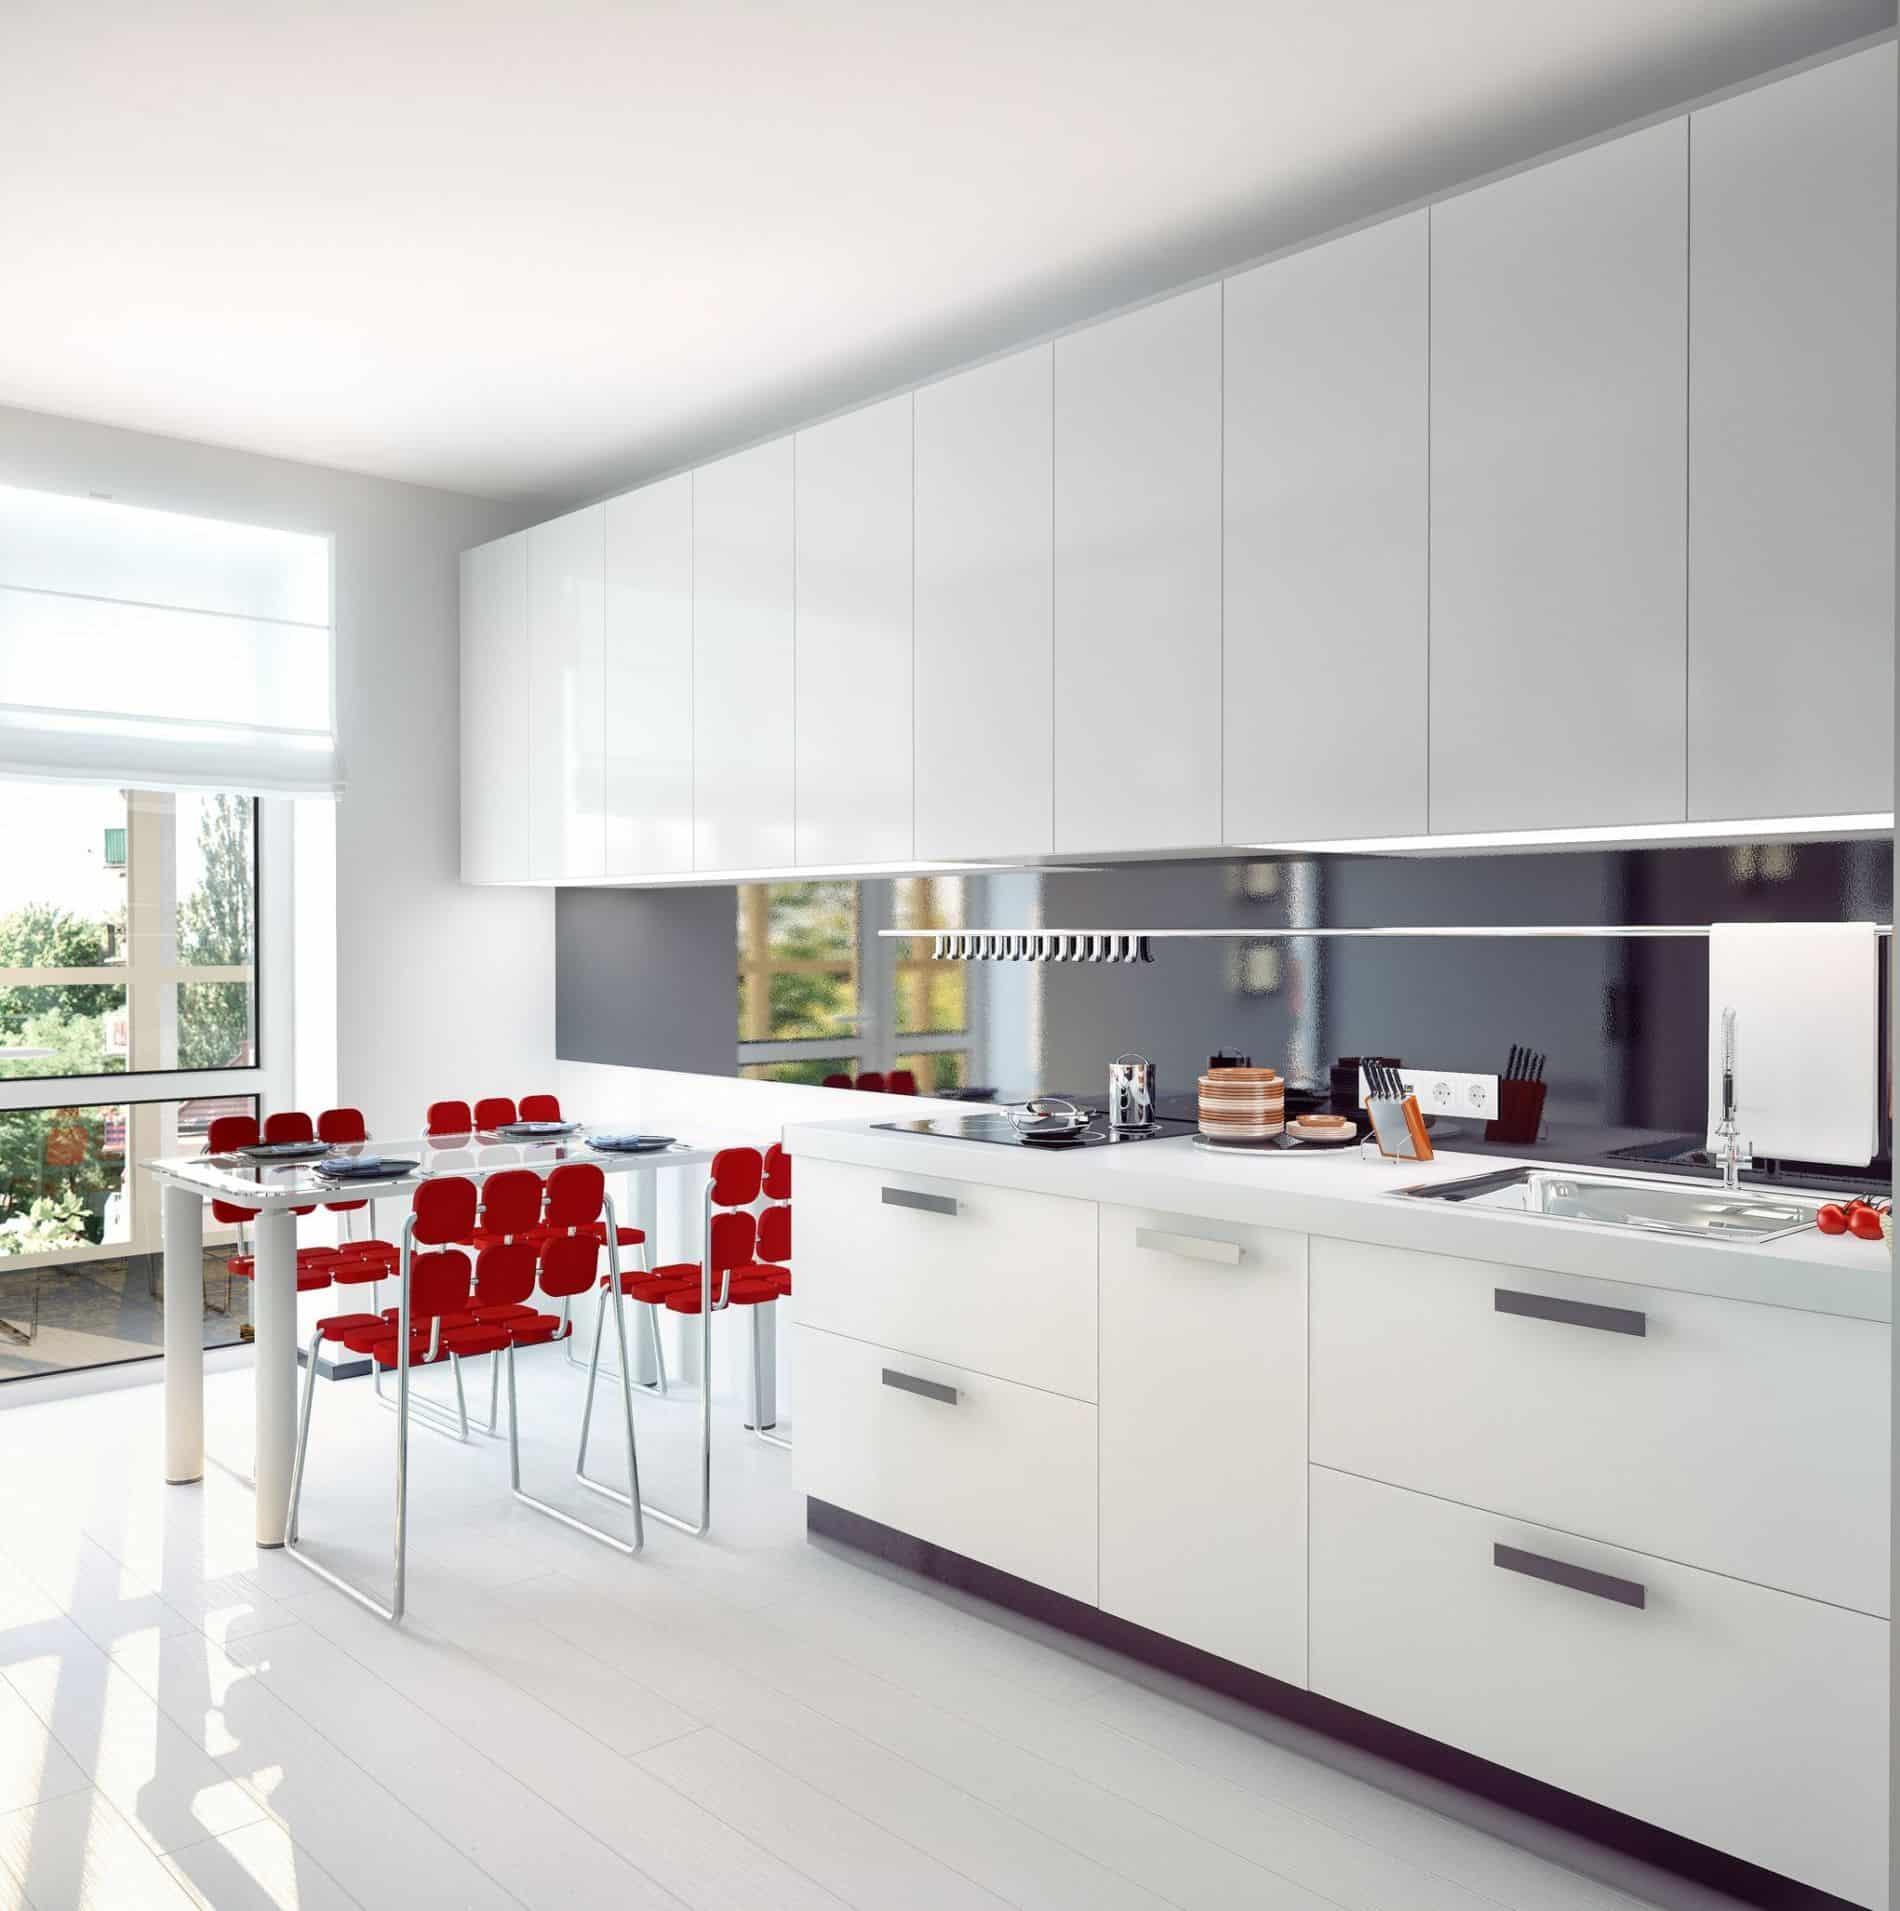 מטבחים יוקרתיים בעיצובים מרשימים באתר KitchenPT